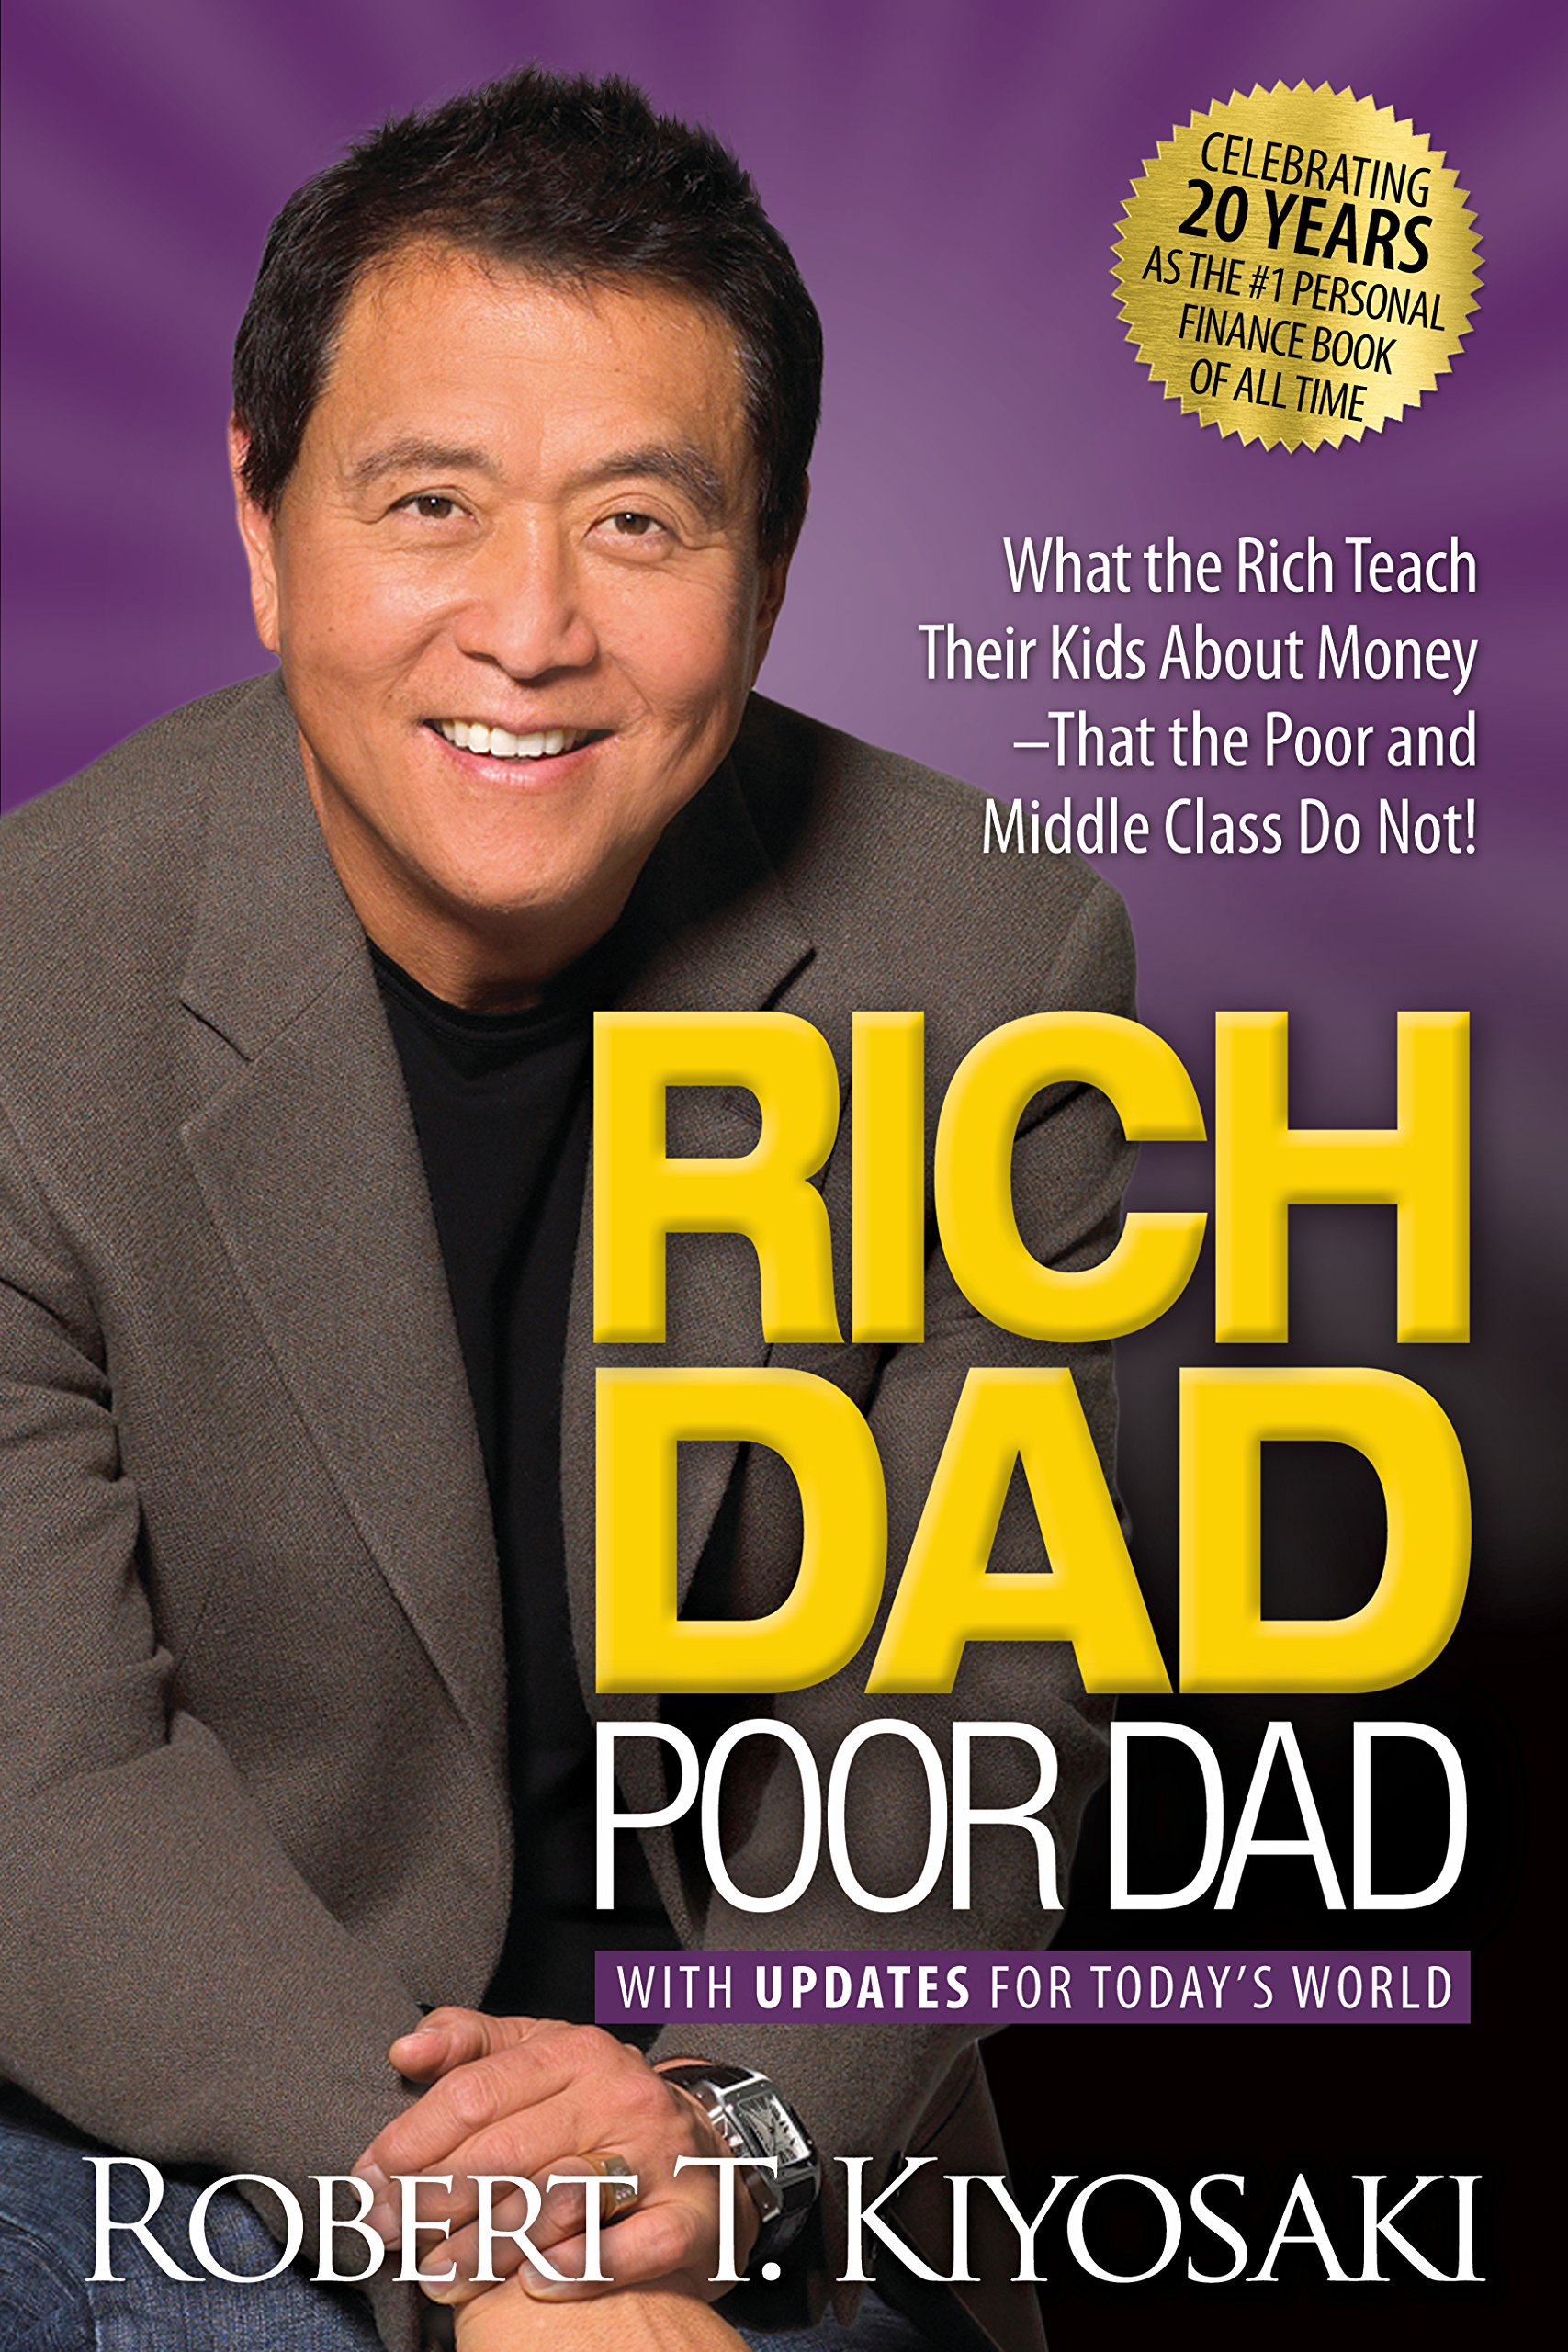 RICH DAD POOR DAD - By: Robert T. Kiyosaki